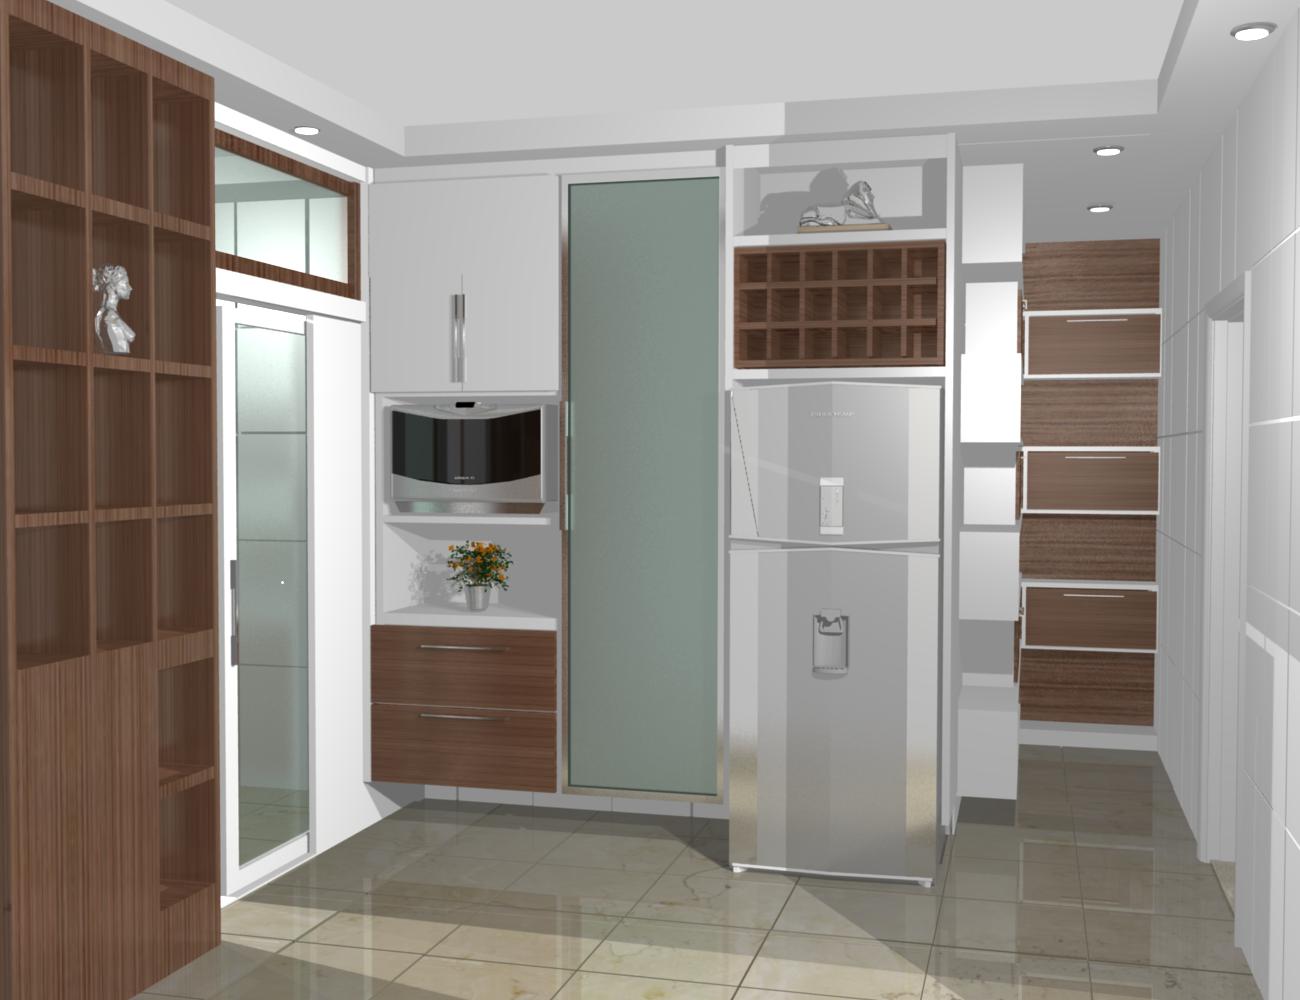 cozinhas pias para cozinhas revestimento para cozinhas cozinhas #4B372C 1300 1000